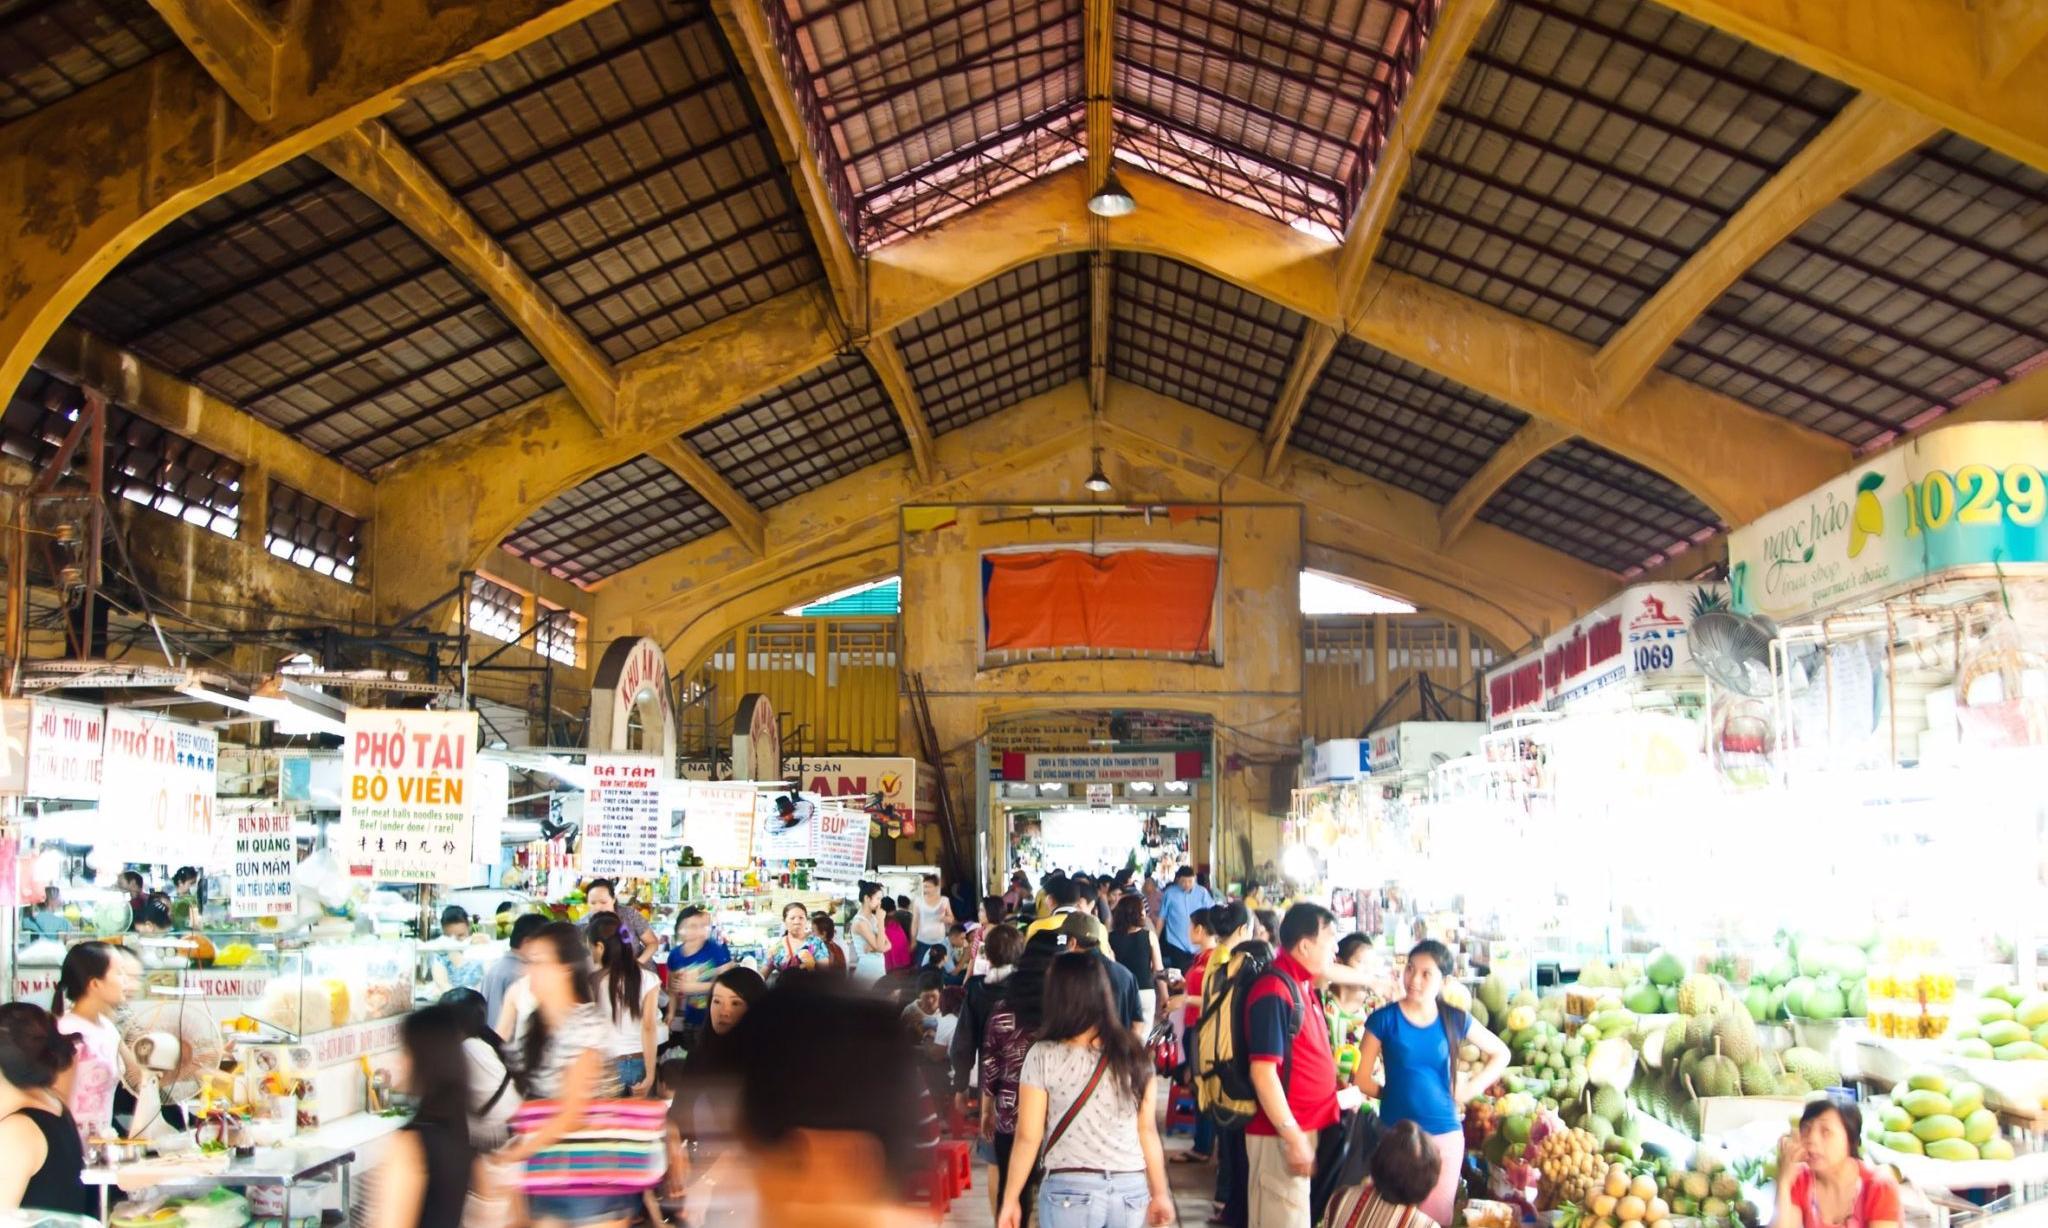 ben-thanh-market-in-ho-chi-minh-city-vietnam.jpg